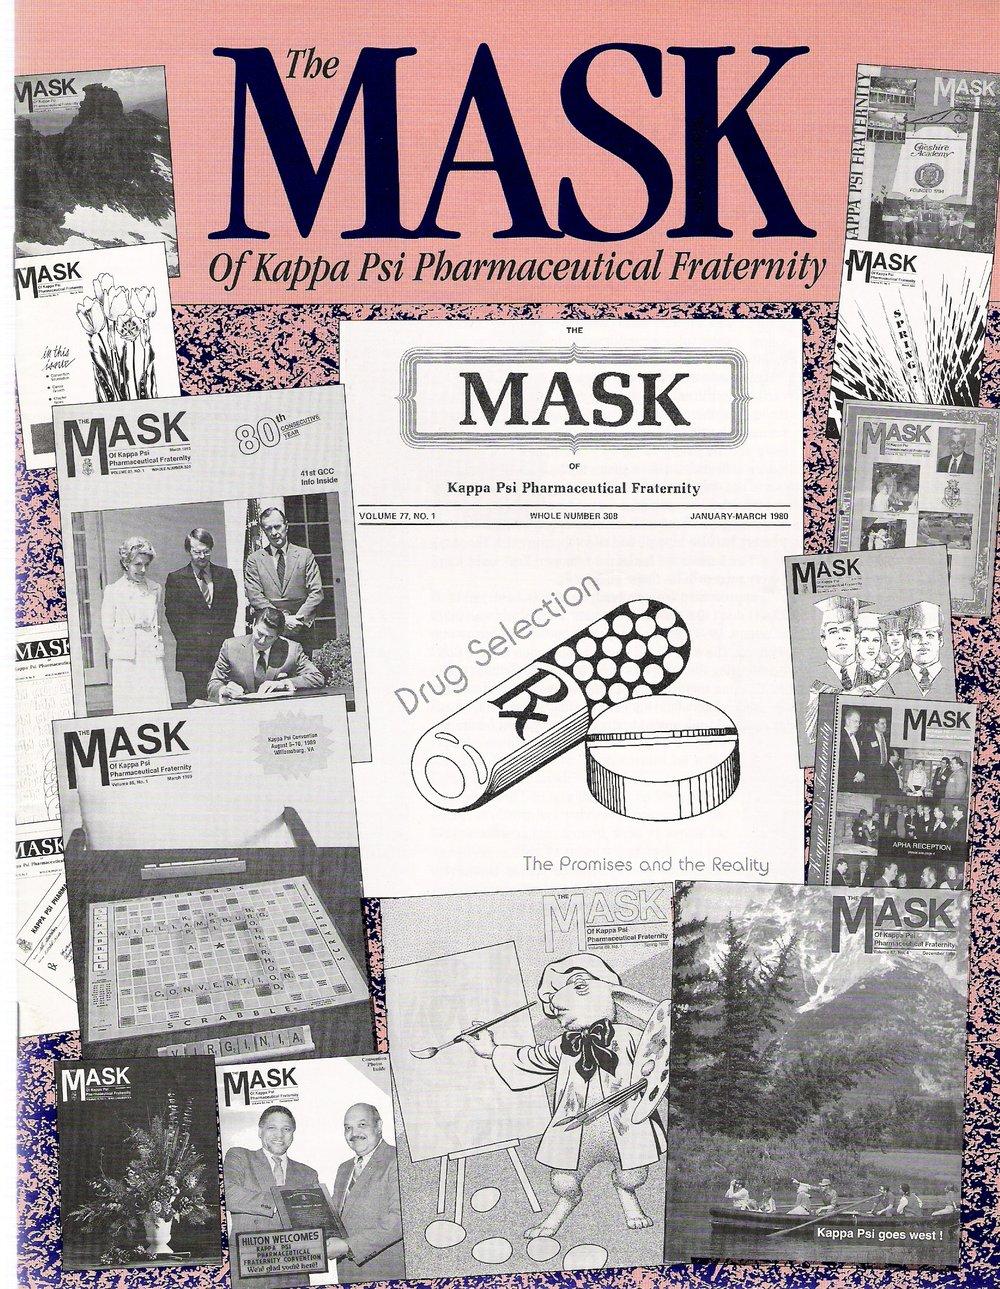 mask_cover_12_1994.jpg